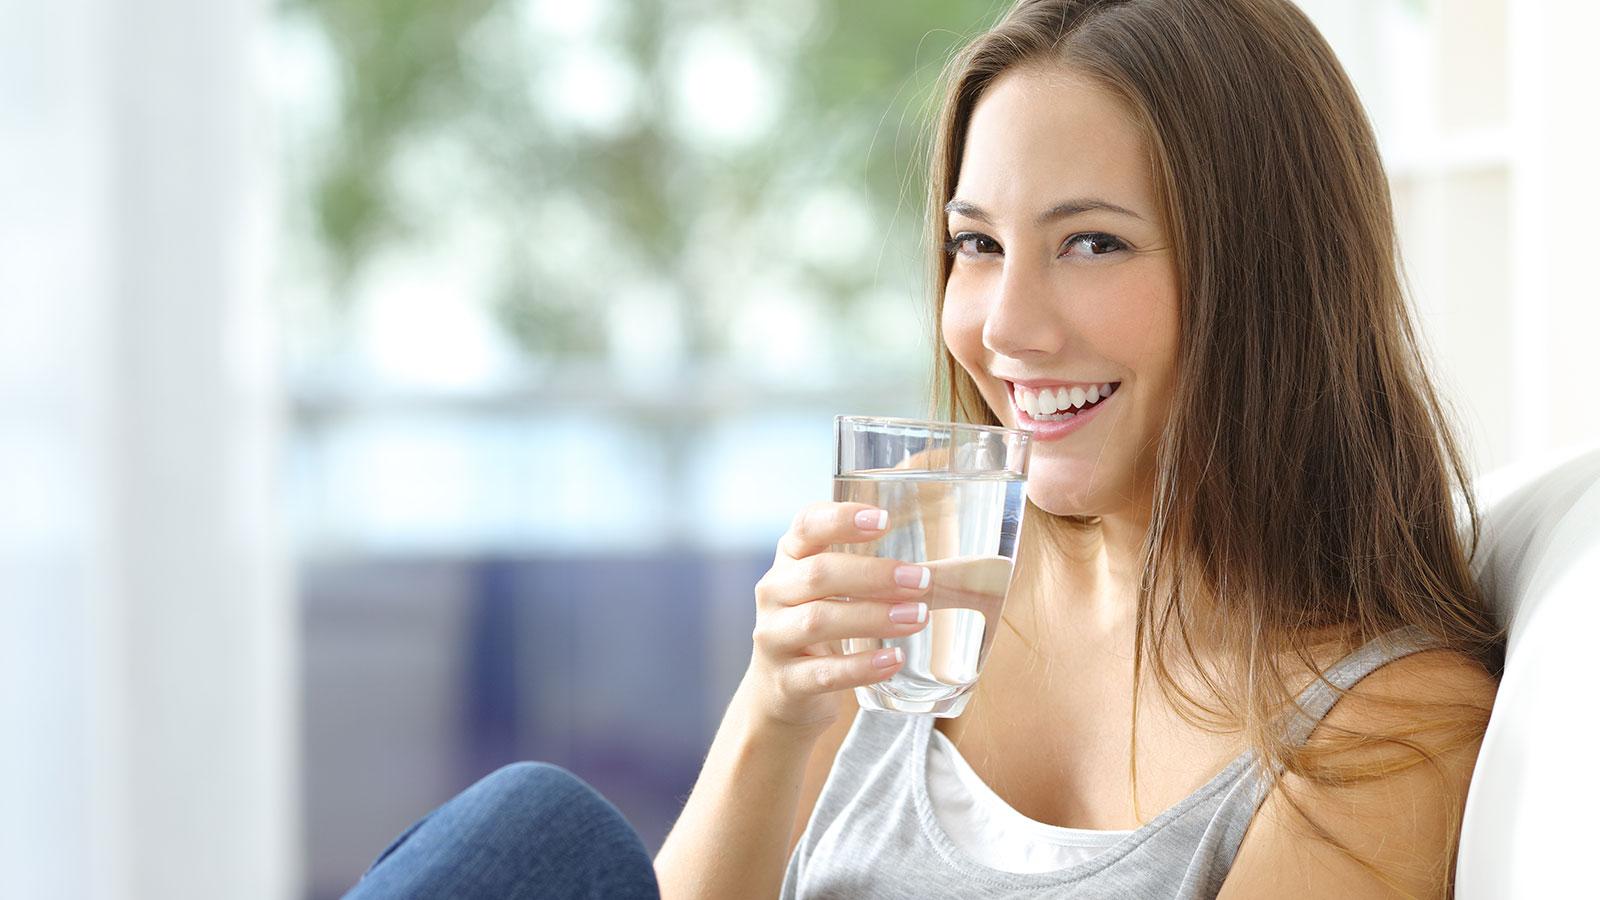 ¿Cuánta agua debes tomar al día?